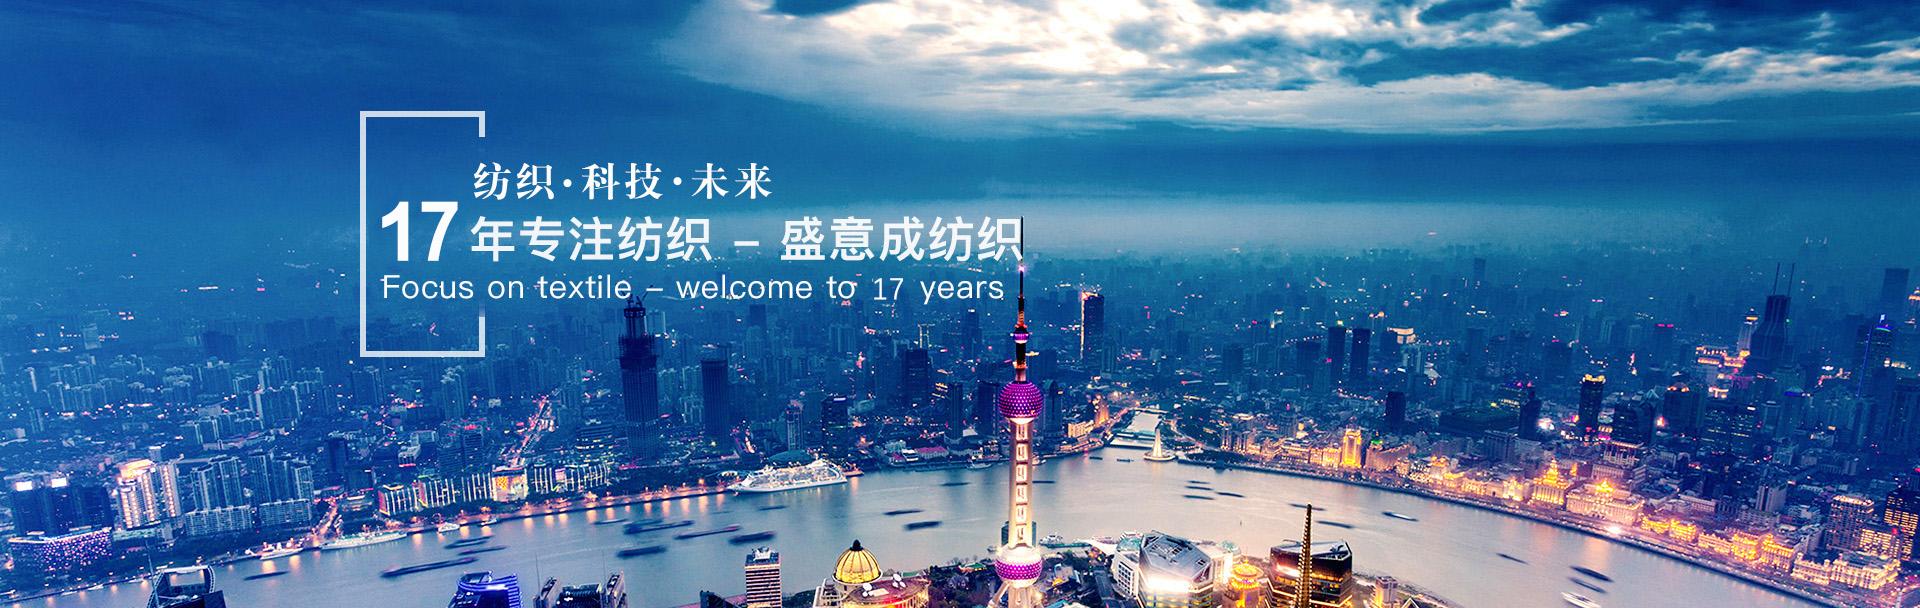 苏州服装招聘_斜纹里布_平纹里布-上海盛意成纺织有限公司